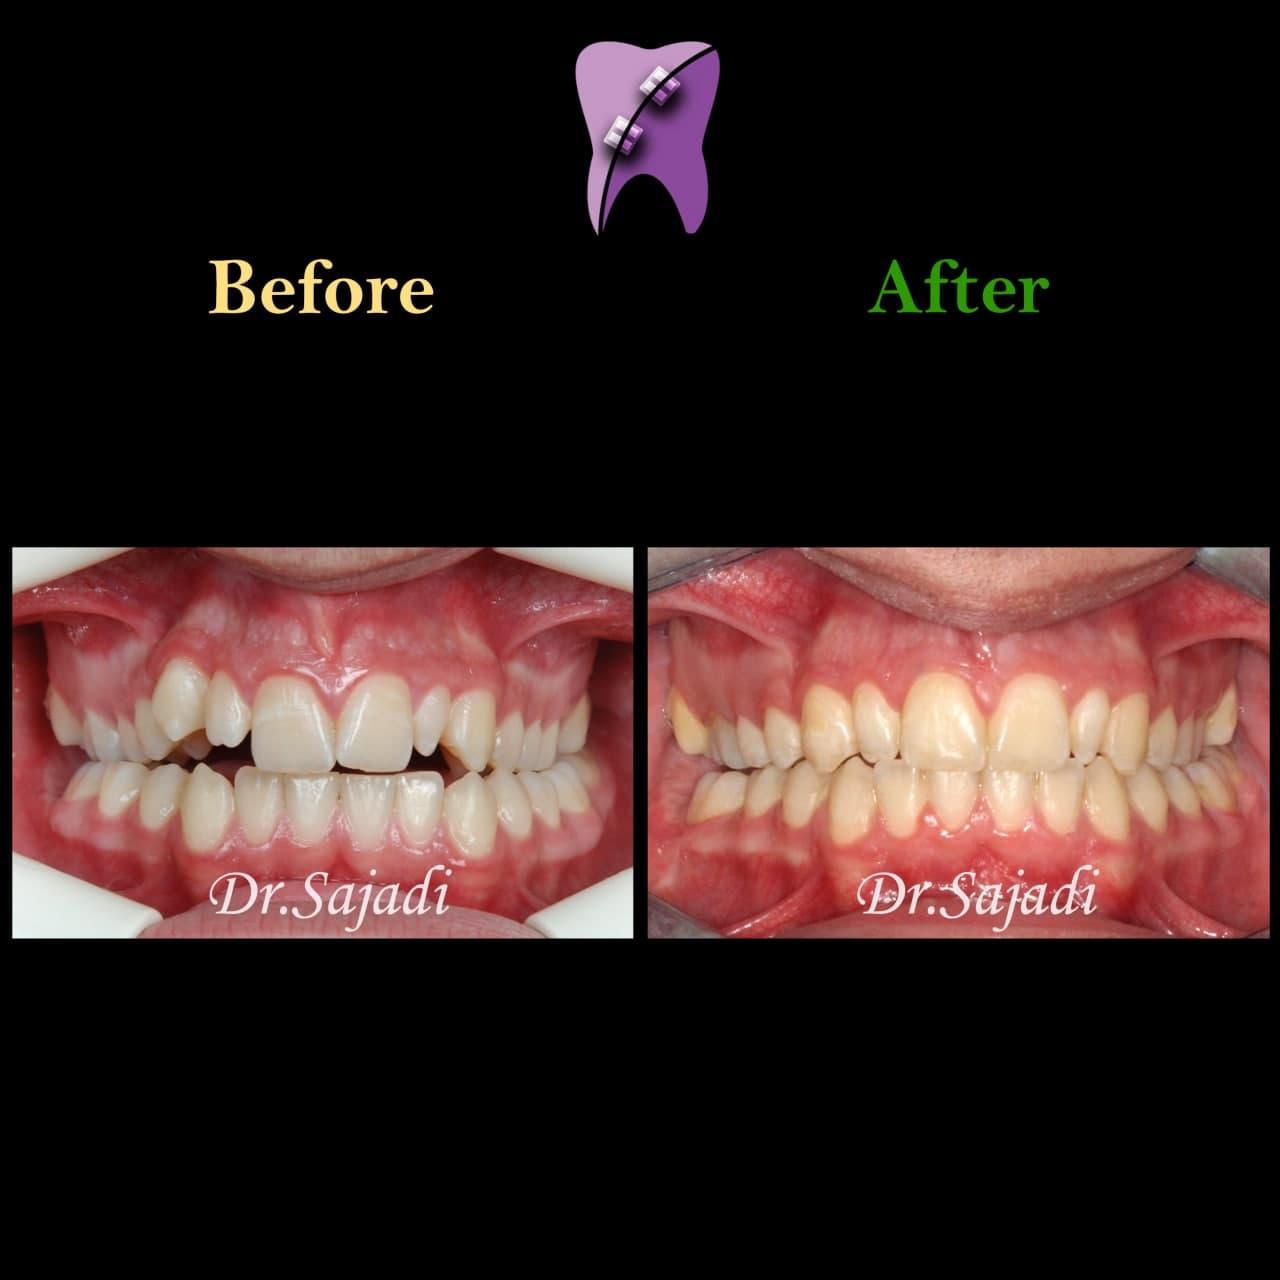 photo 2021 02 08 14 28 20 - ارتودنسی ثابت دو فک برای اصلاح جفت شدن دندان ها/درمان اپن بایت طرفی